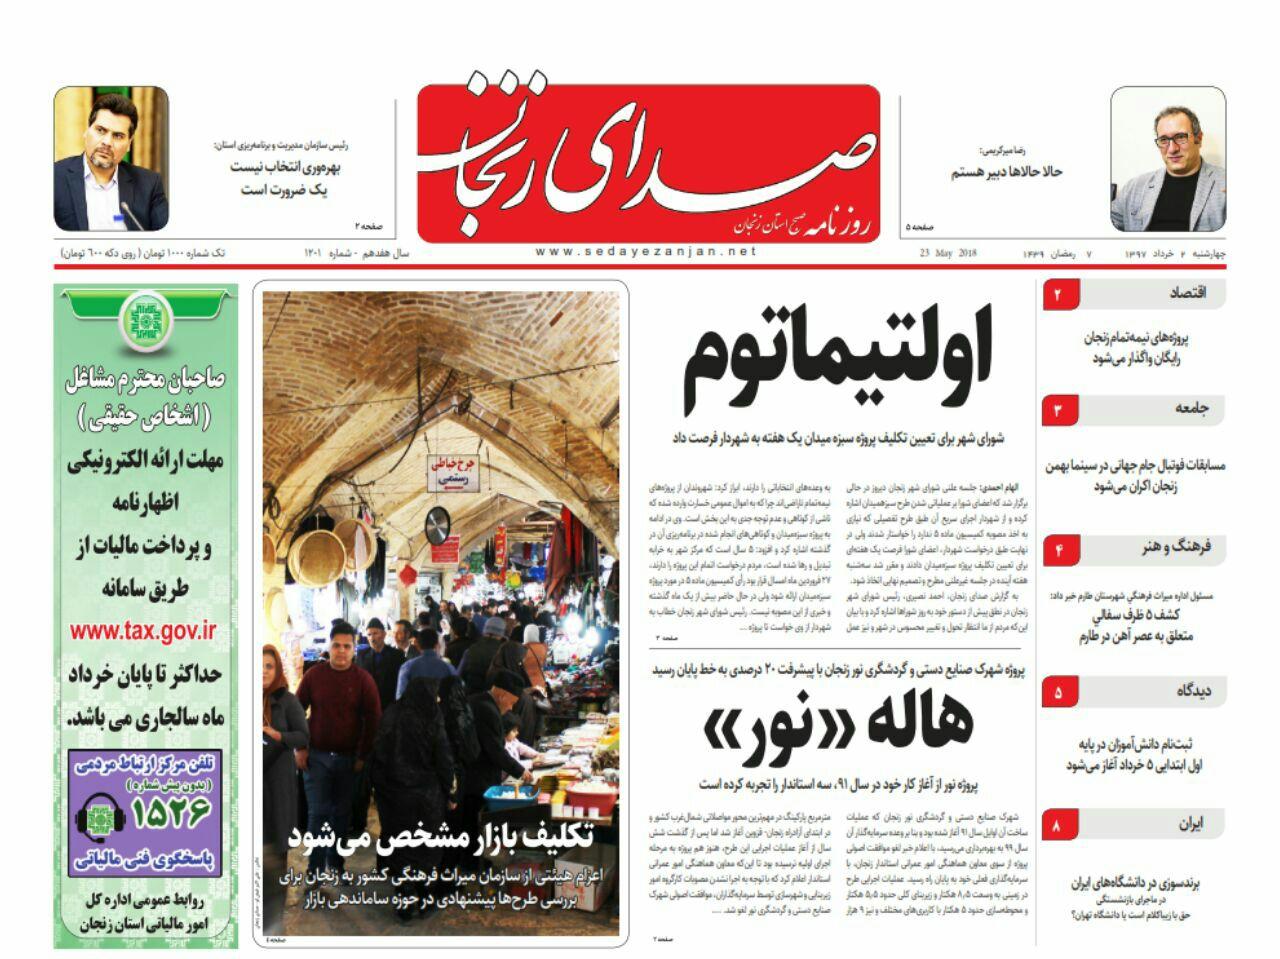 از خسارت 70 درصدی سرما به باغات زنجان تا زنجان میزبان کنگره جهانی محیط زیست